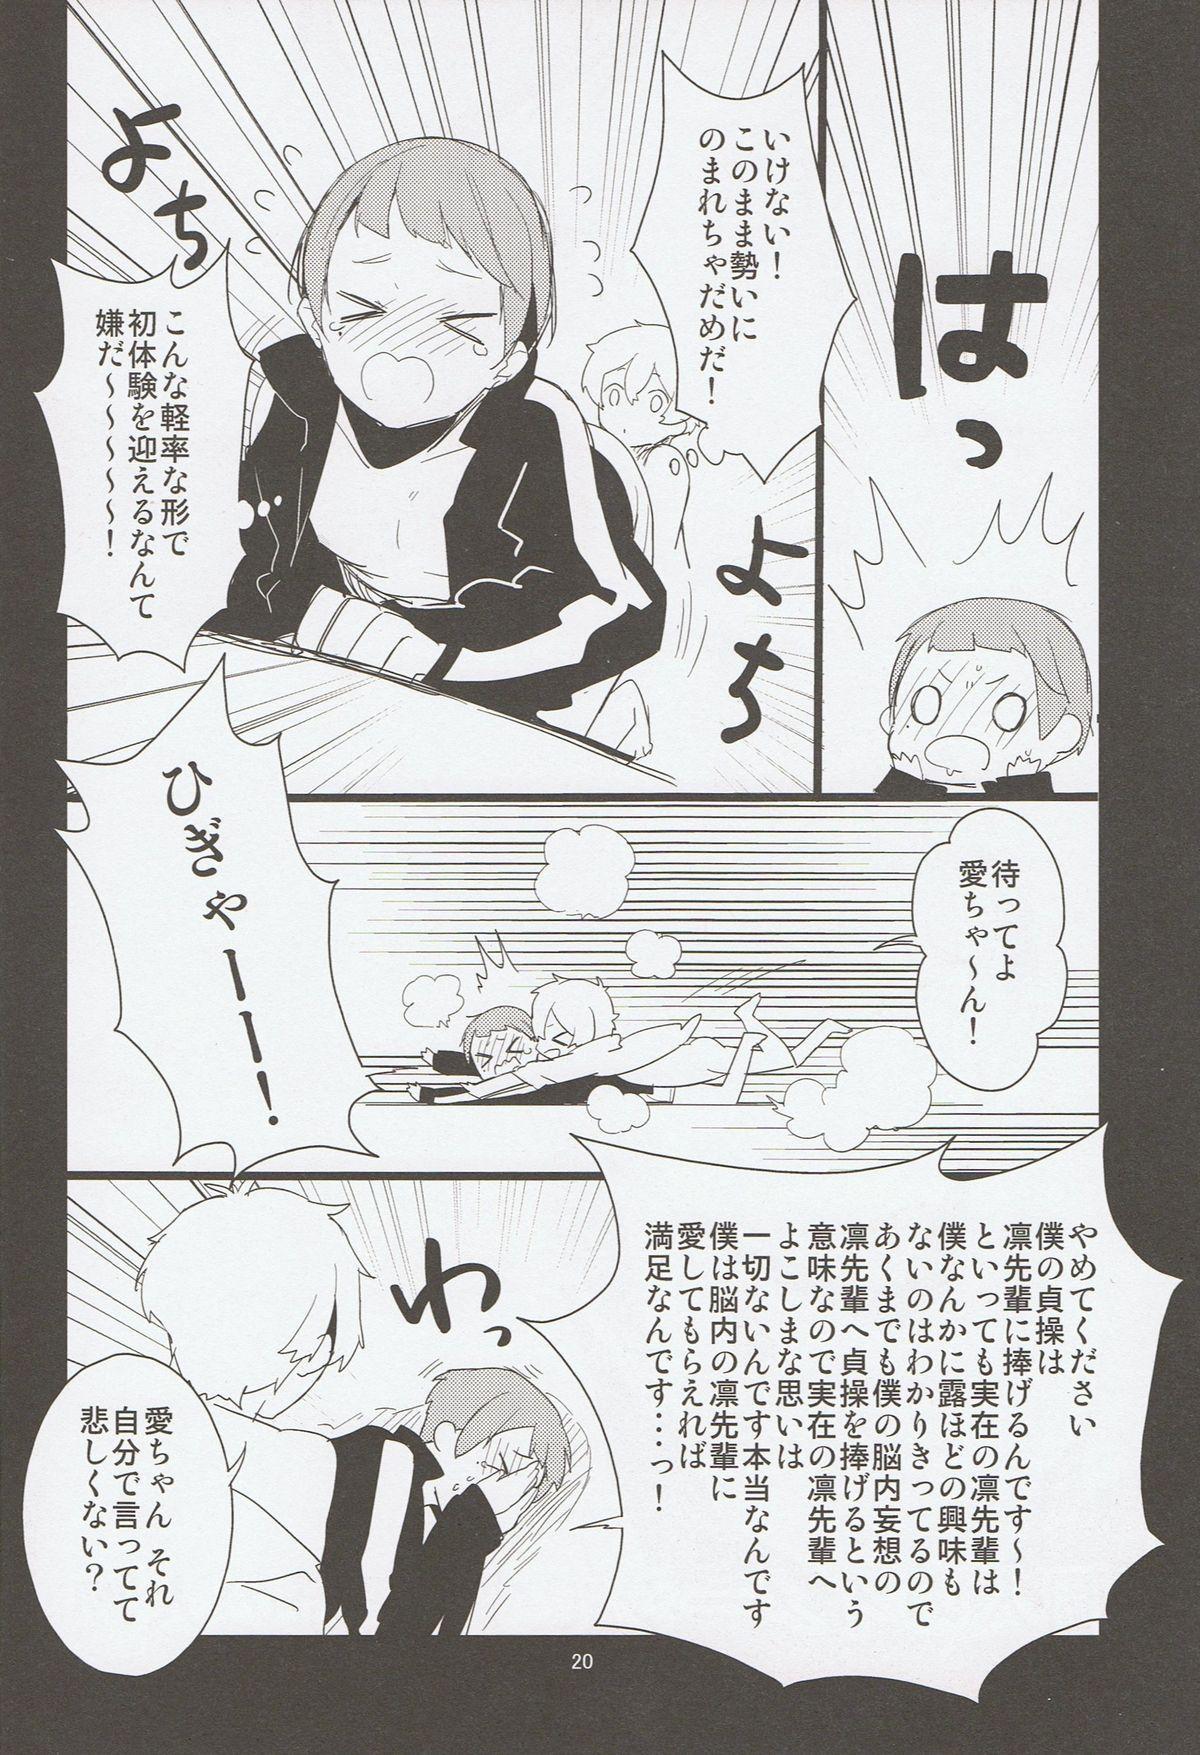 (C86) [MERYx3 (Numeri)] Nagisa-kun to Nitori-kun wo Muriyari Karamaseta Hon (Free!) 18